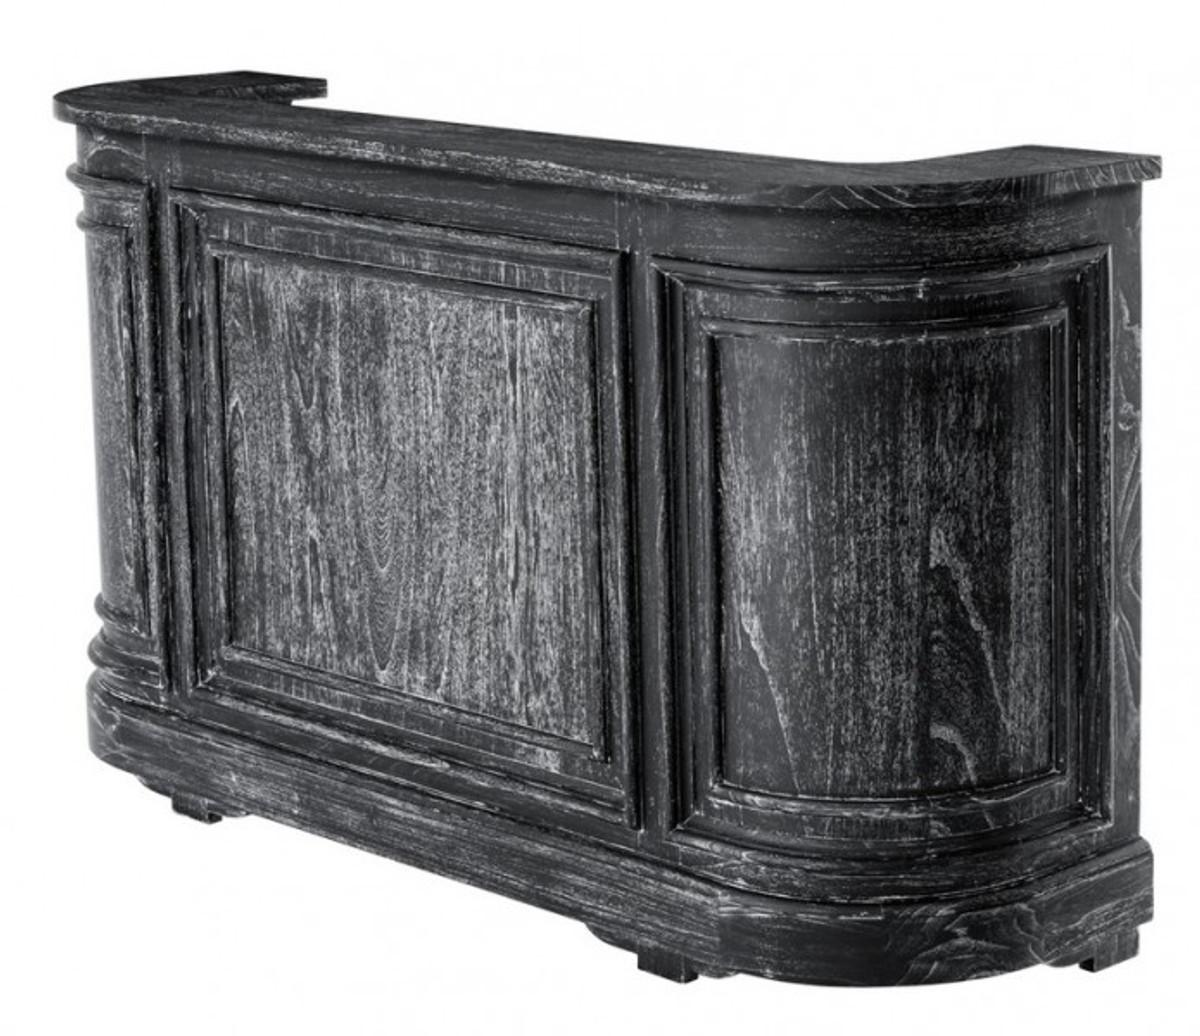 Büroschrank weiß antik  Casa Padrino Vintage Look Theken Schrank 190 cm Theke Schwarz ...